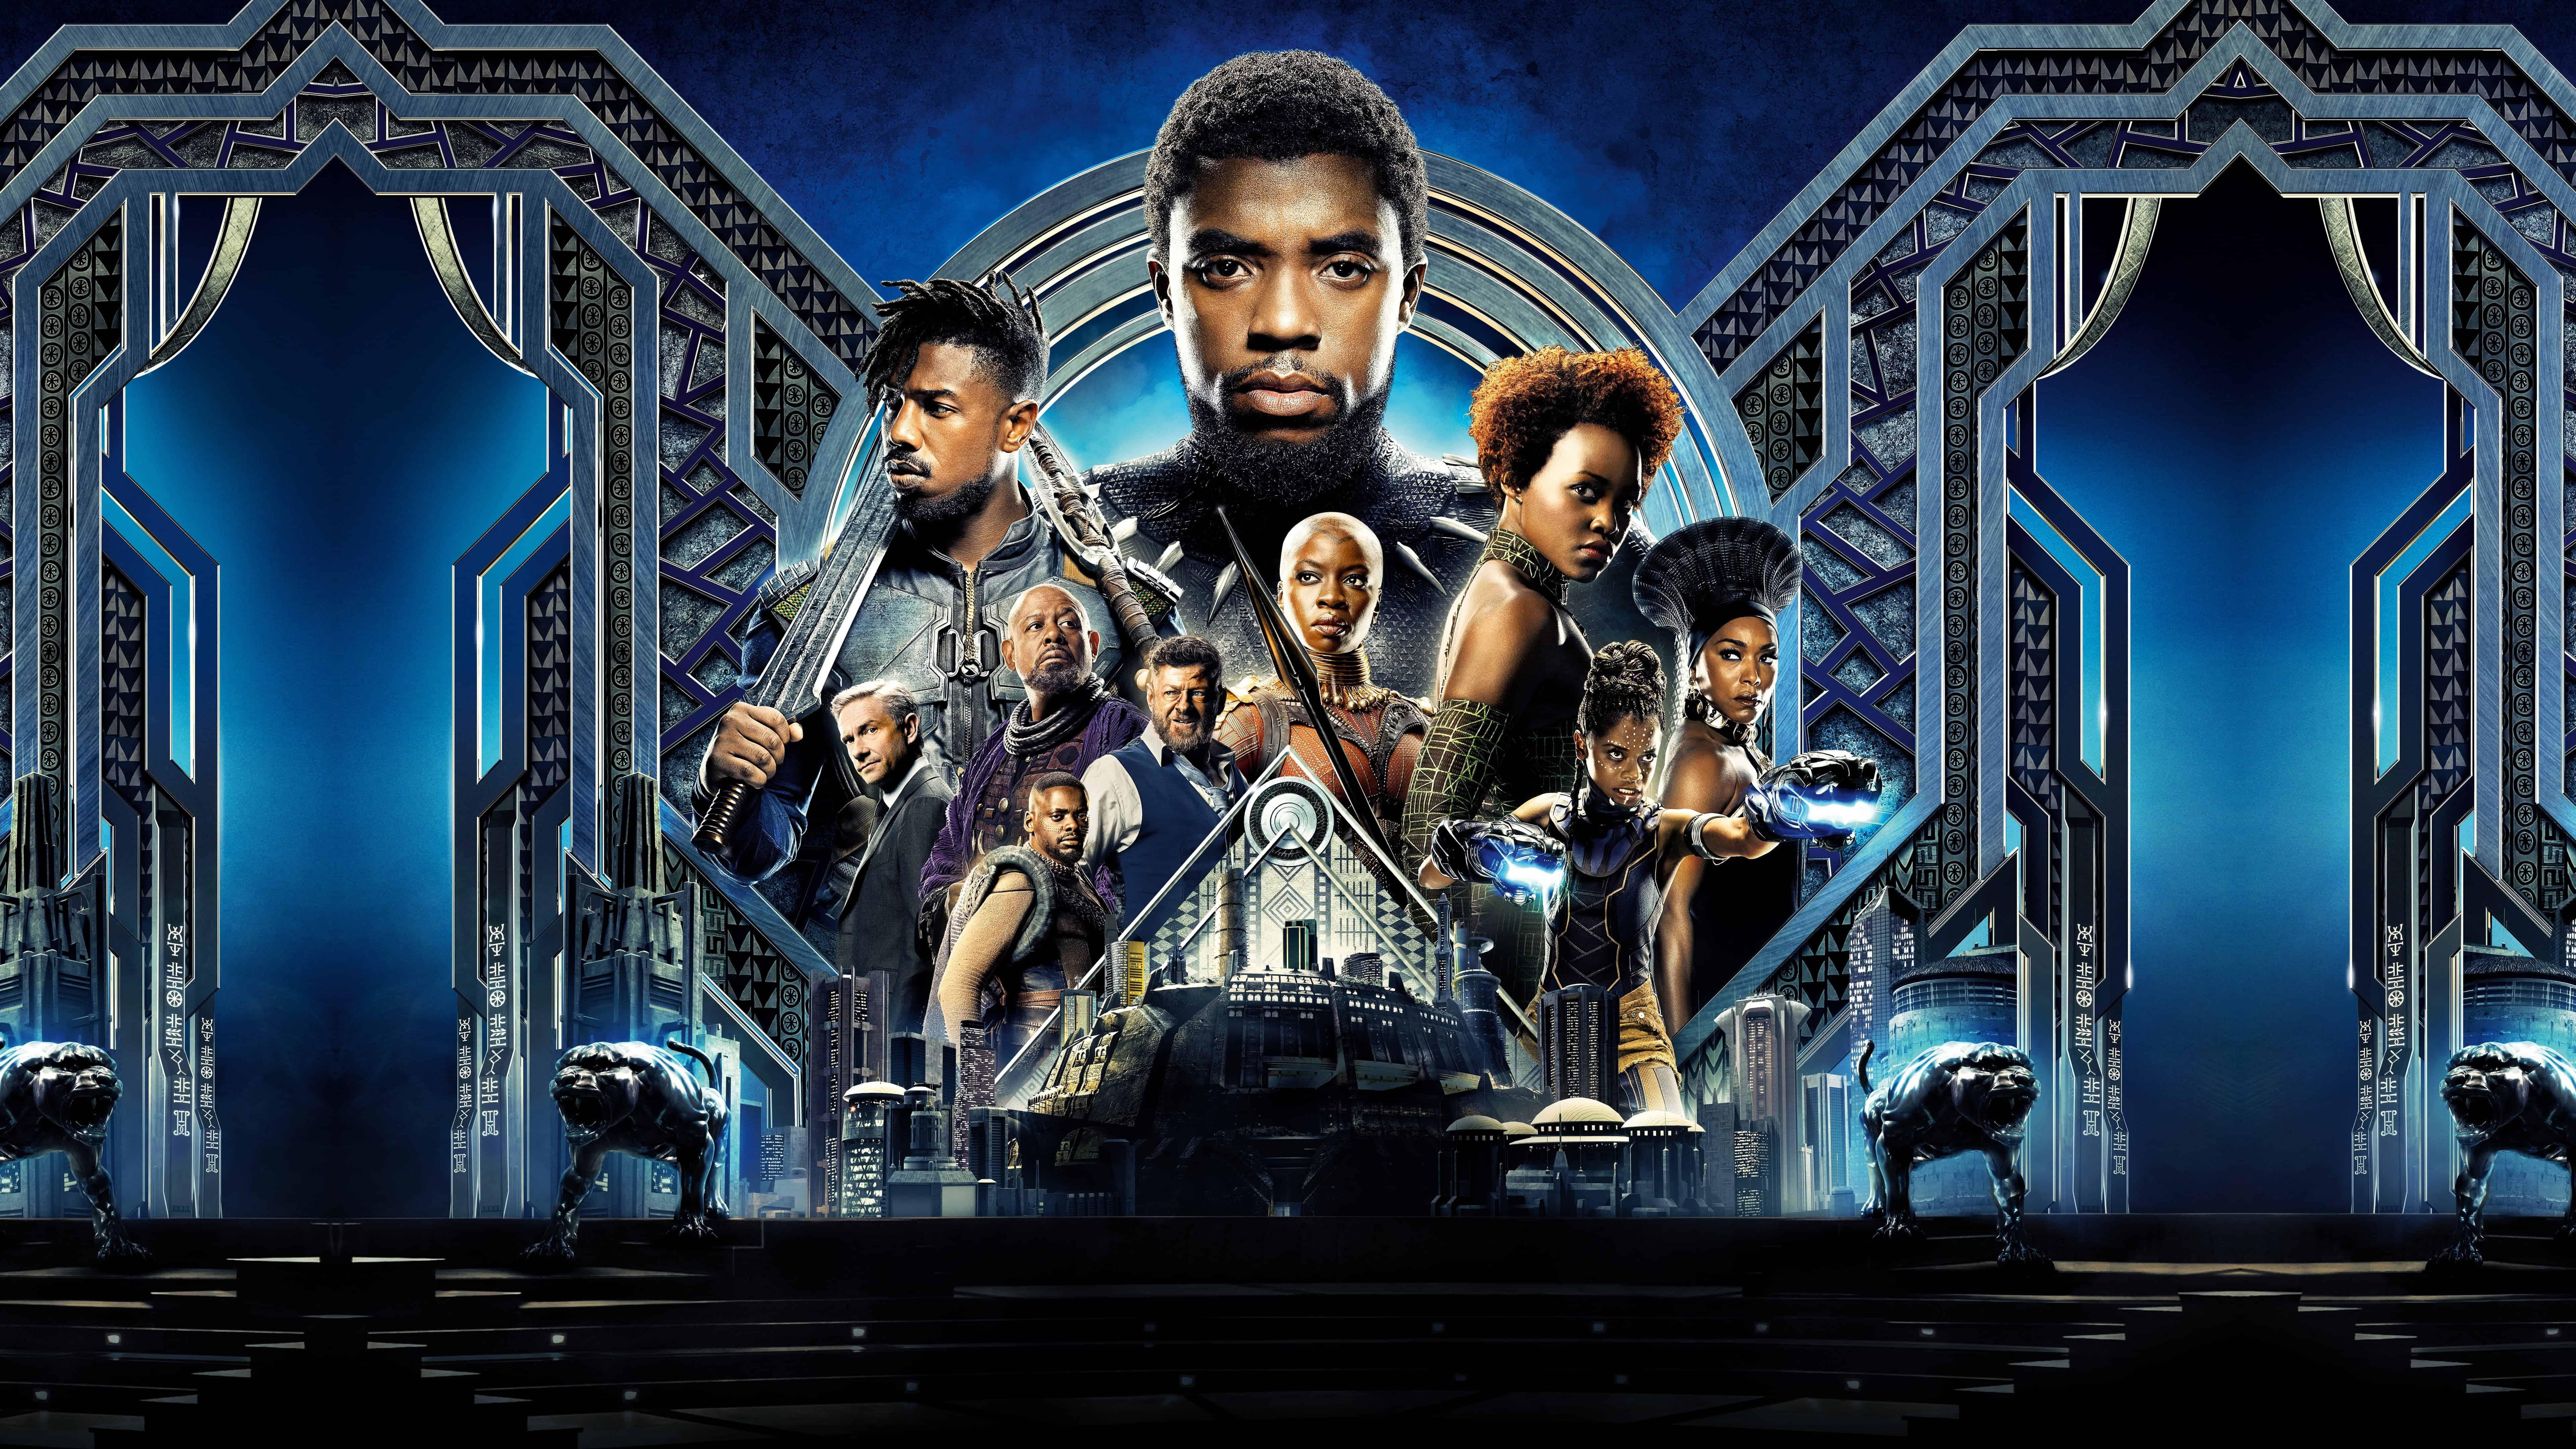 black panther movie 2018 uhd 8k wallpaper